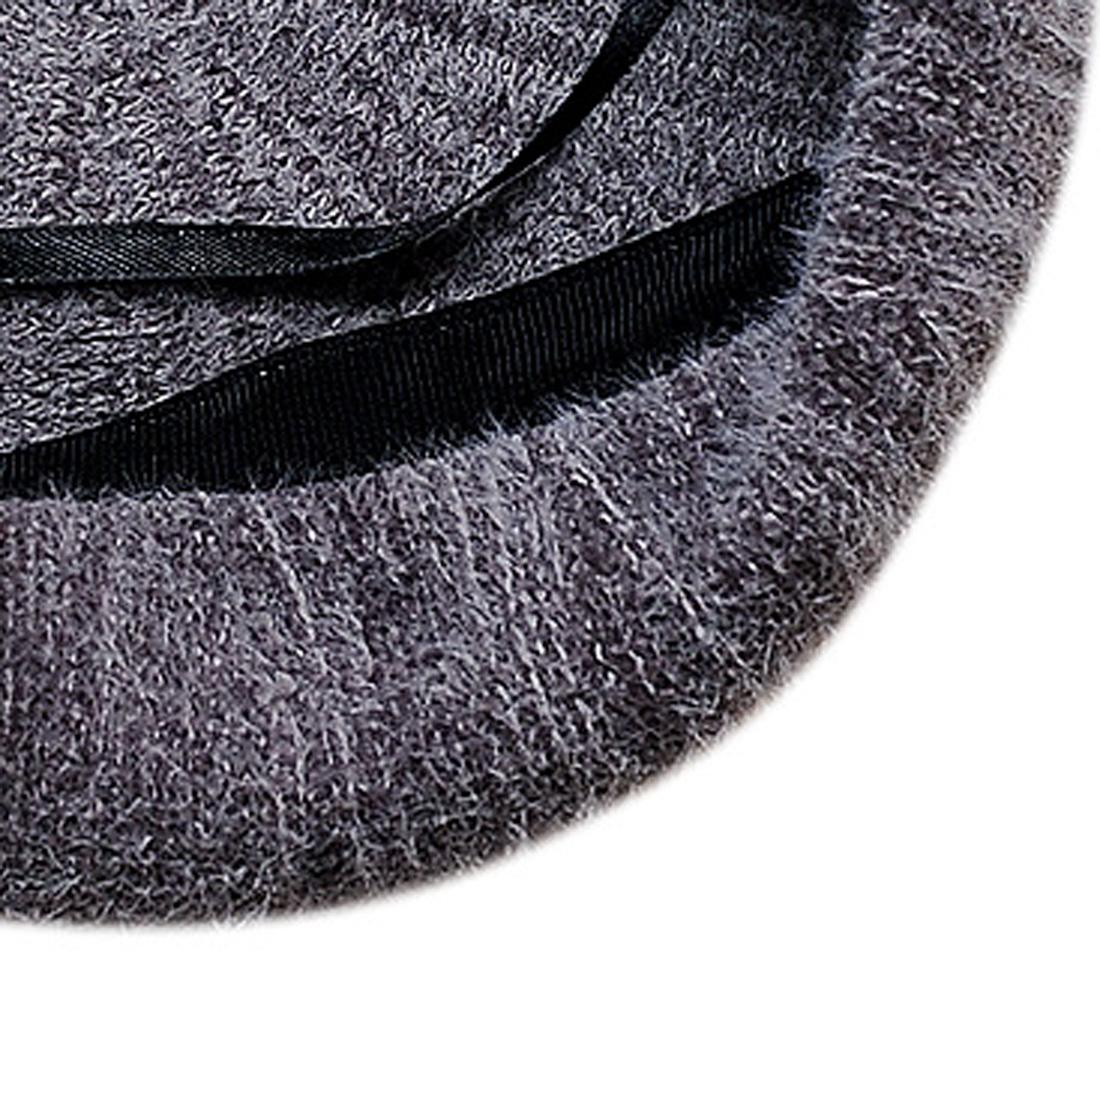 Mũ nồi len thời trang cao cấp màu ghi EH44-5